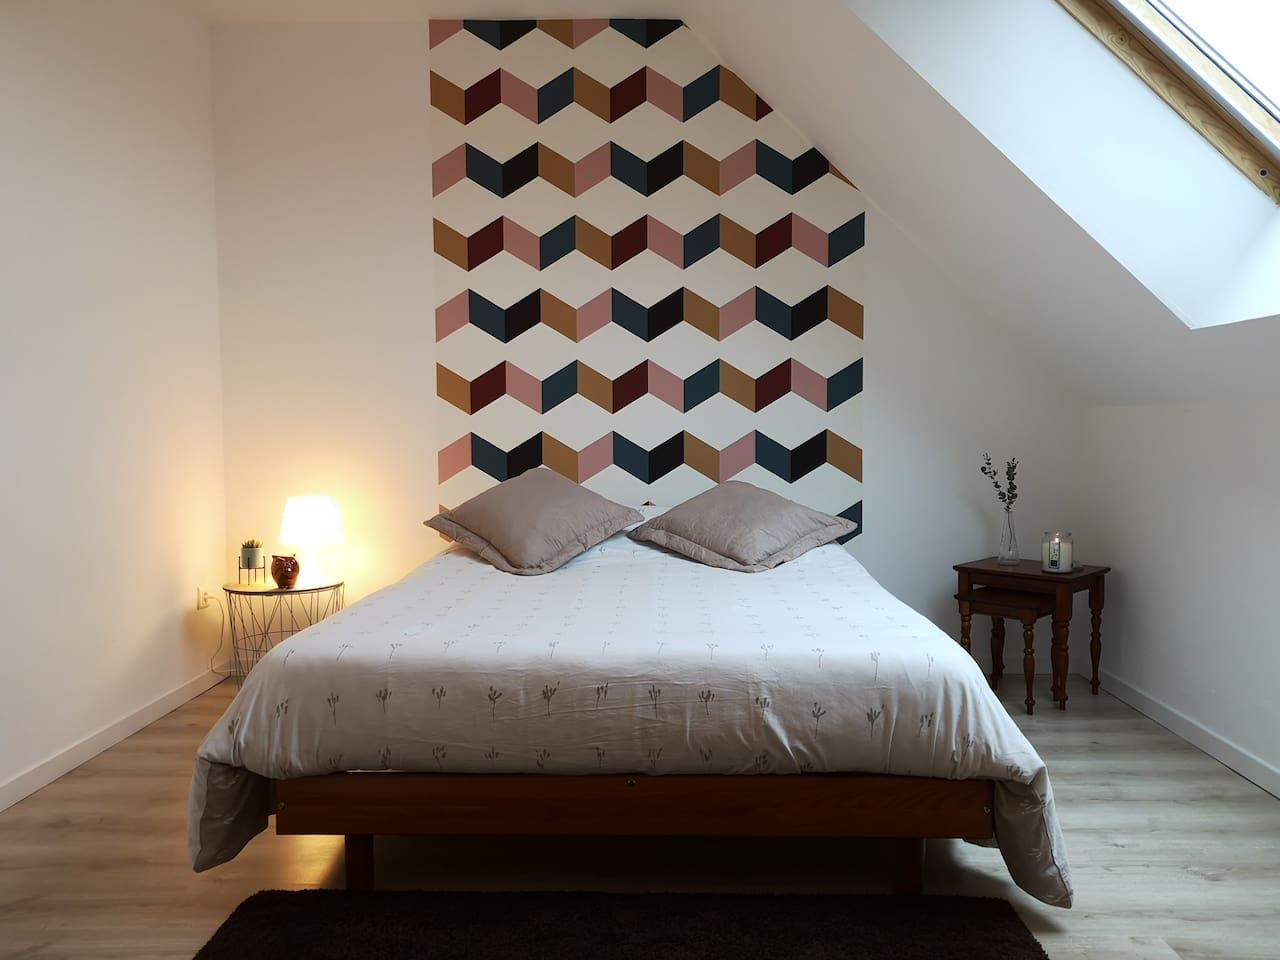 Chambre 1 : lit deux personnes avec un bel espace de rangement (grand placard avec cintres et étagères), patères dans l'entrée, un grand fauteuil, plusieurs prises.